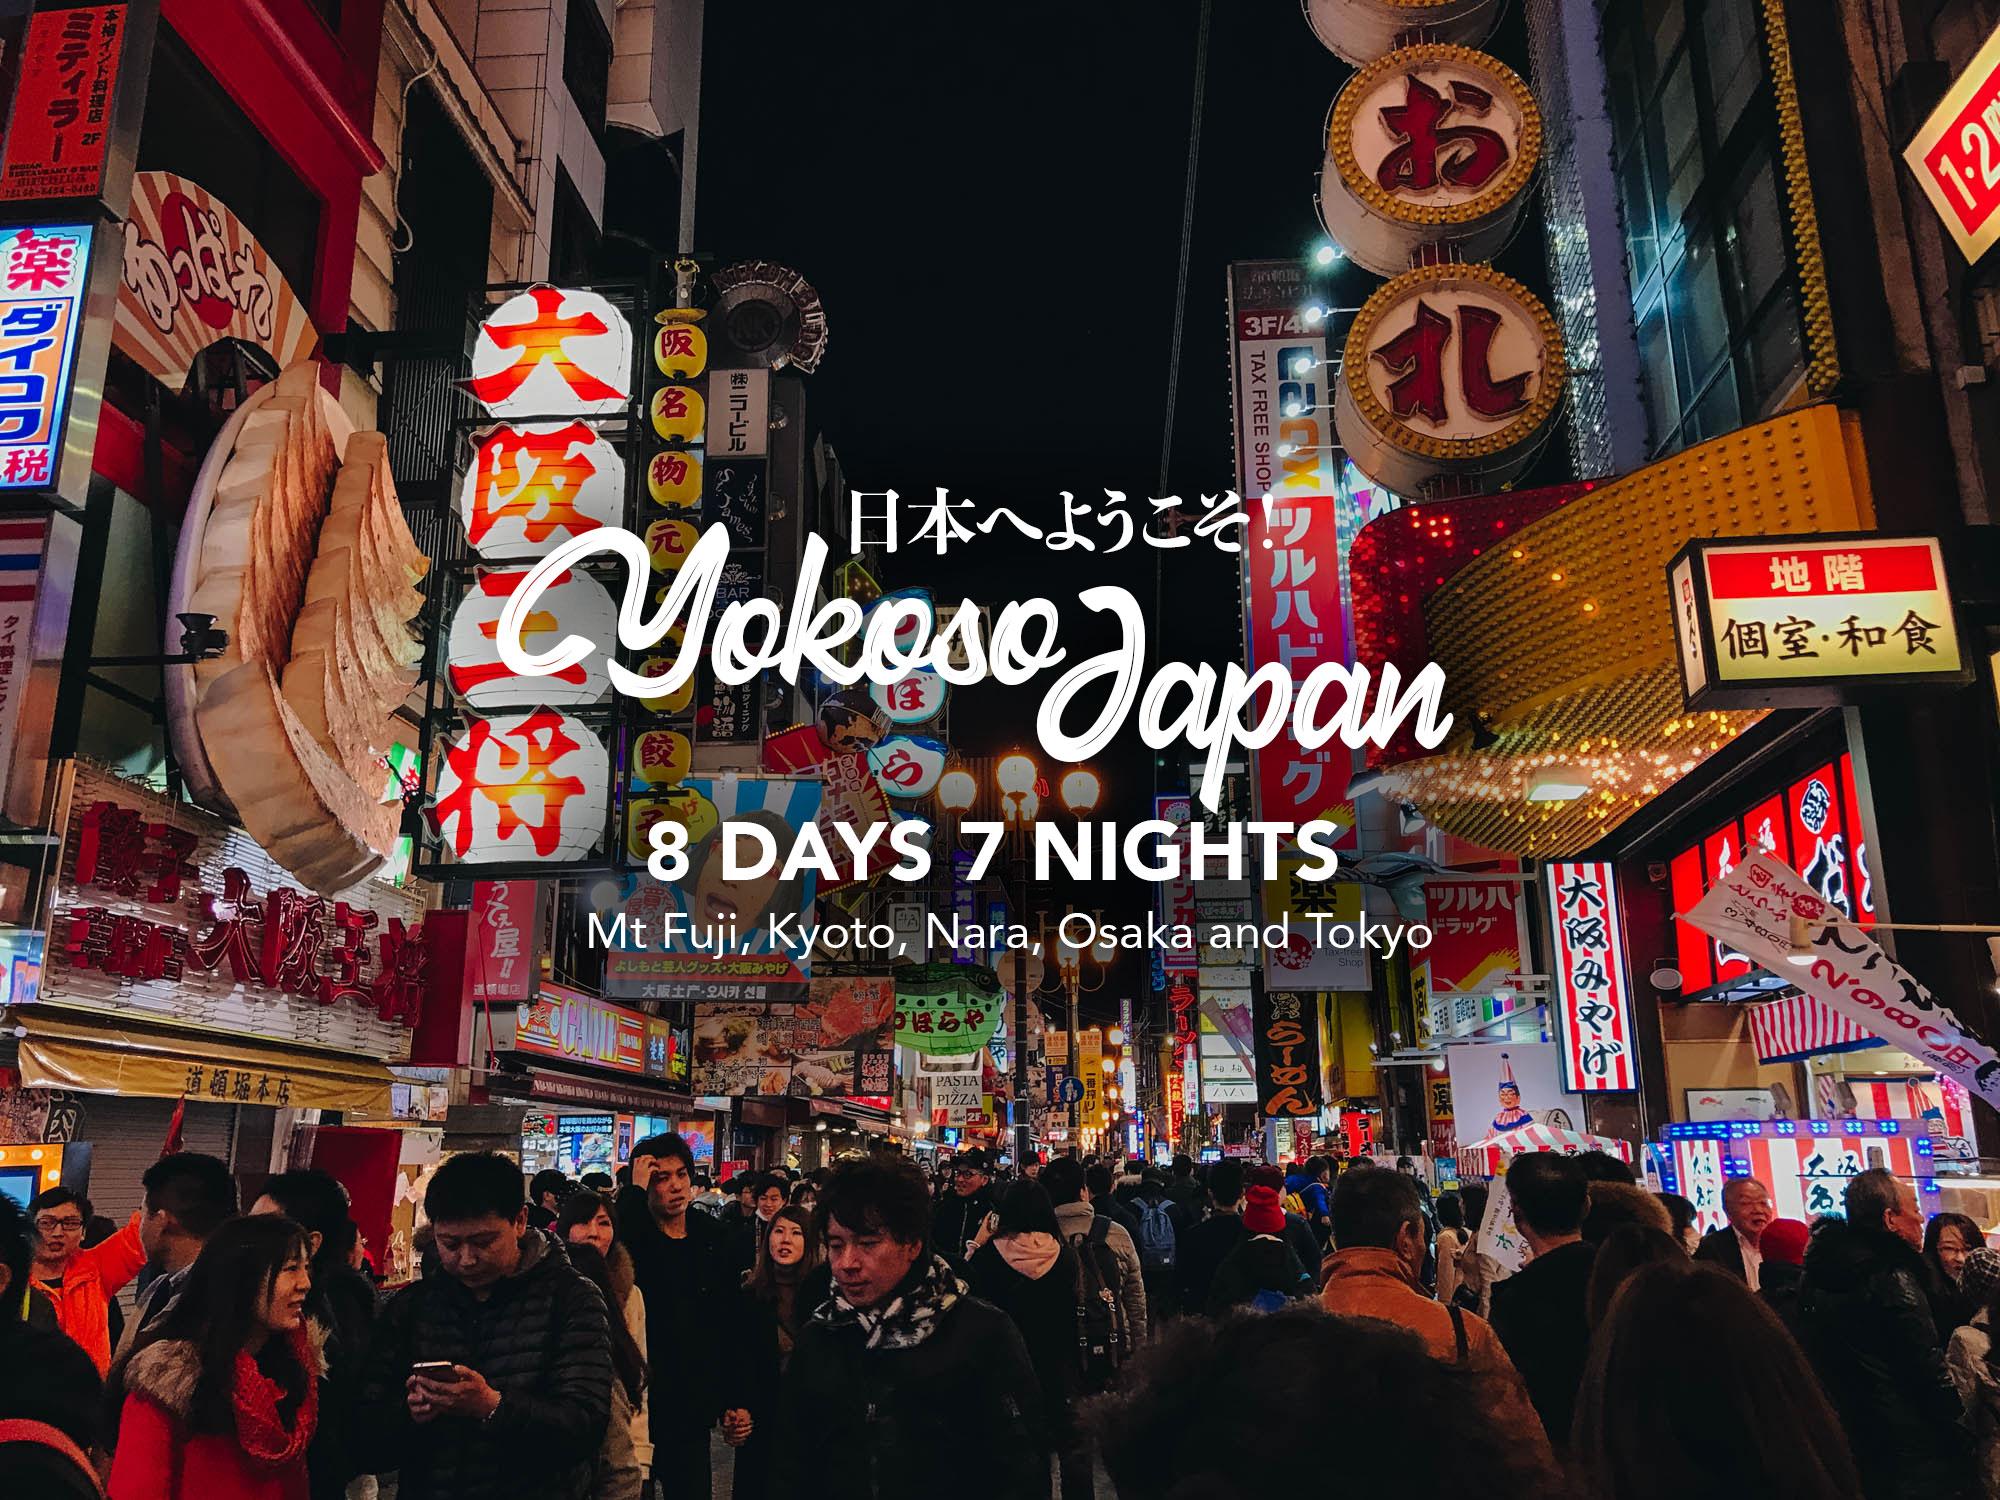 Yokoso Japan! 8D7N in Mt Fuji, Kyoto, Nara, Osaka and Tokyo